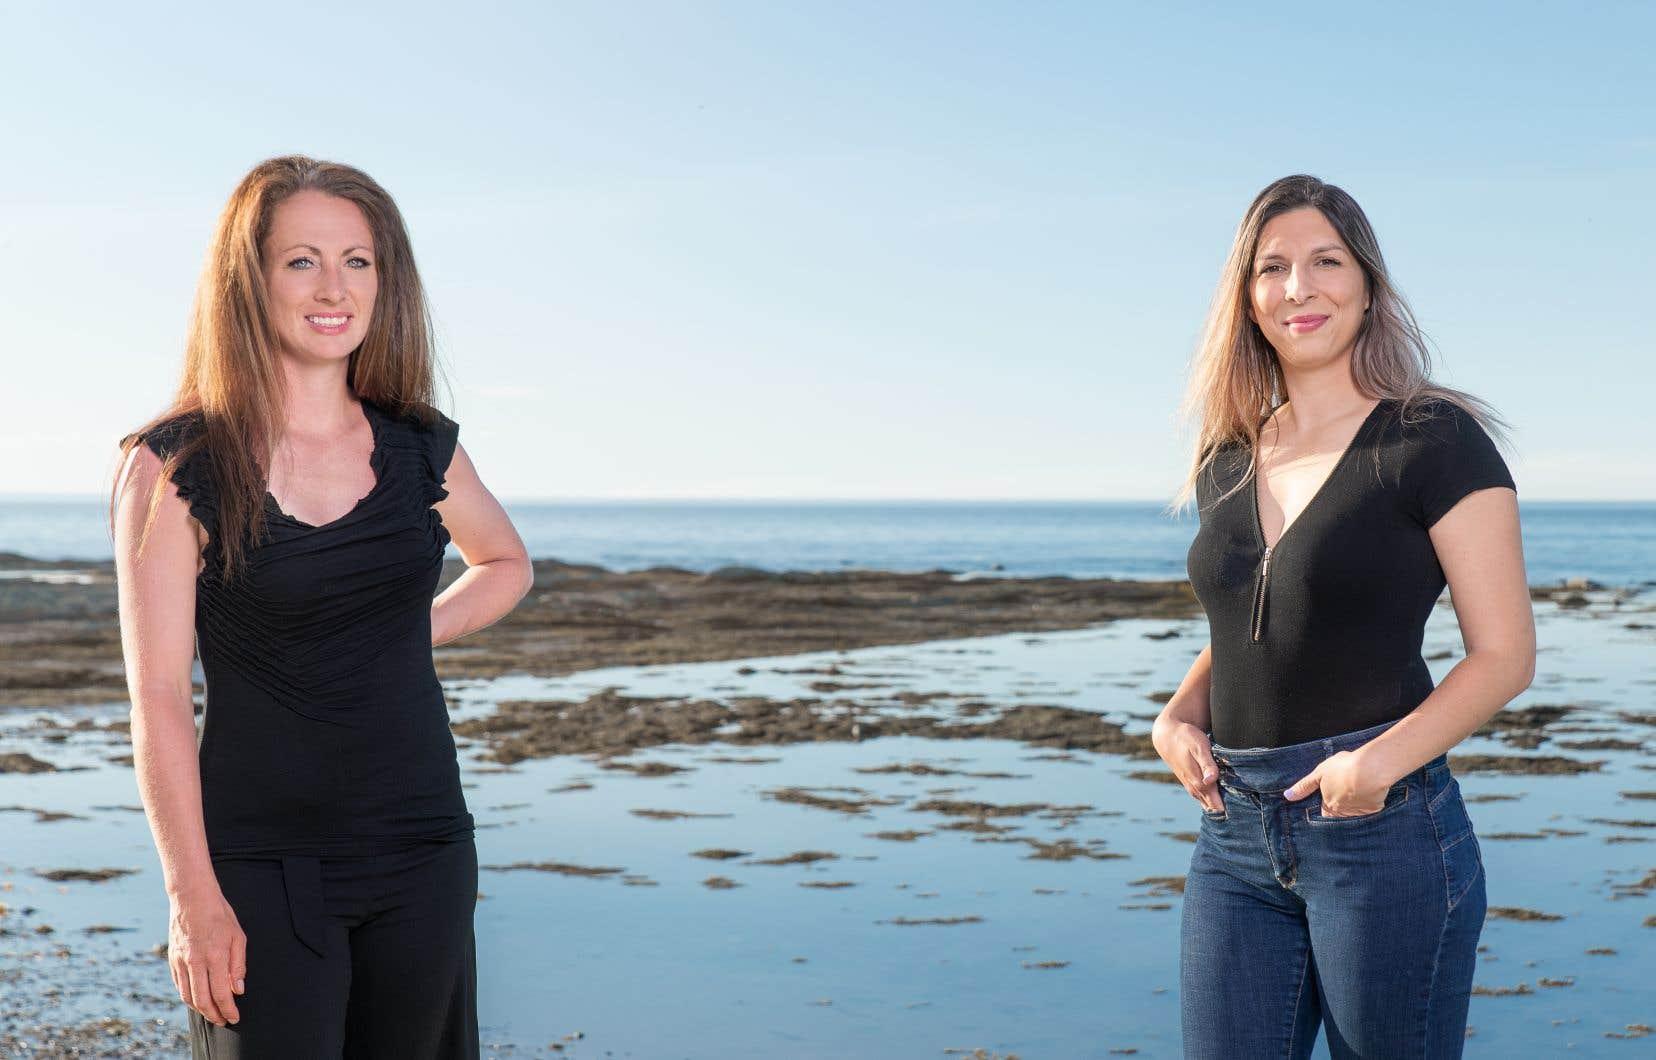 La propriétaire du ranch Bisons Sur Mer, Nancy Pouliot, et la restauratrice Manon Cambefort, illustrent bien le point de départ du regroupement Yoke, qui vise notamment à soutenir l'économie locale.